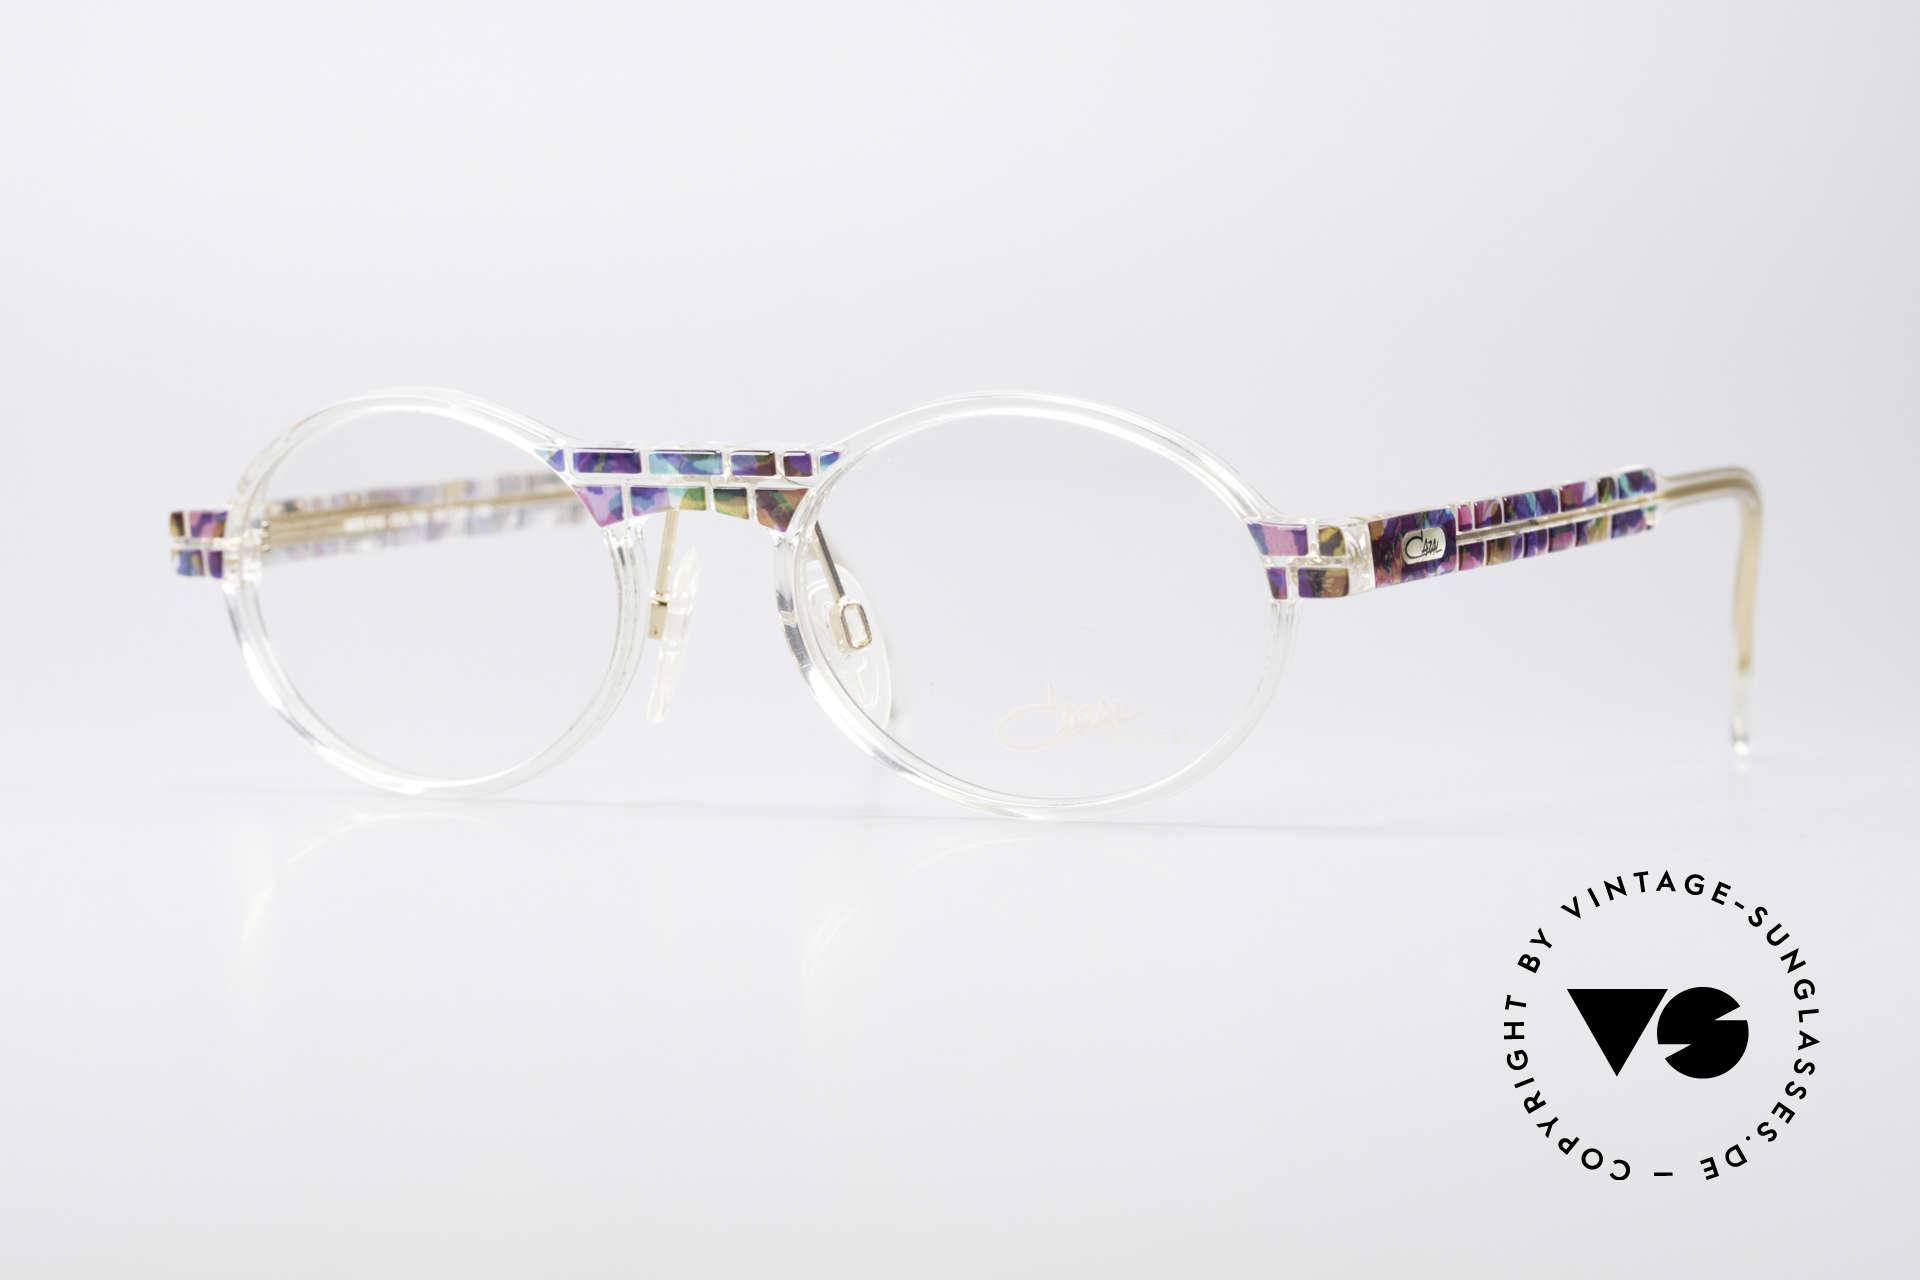 Cazal 510 Crystal Limited Ovale Brille, seltene vintage Brille der Cazal Crystal 500er Serie, Passend für Herren und Damen